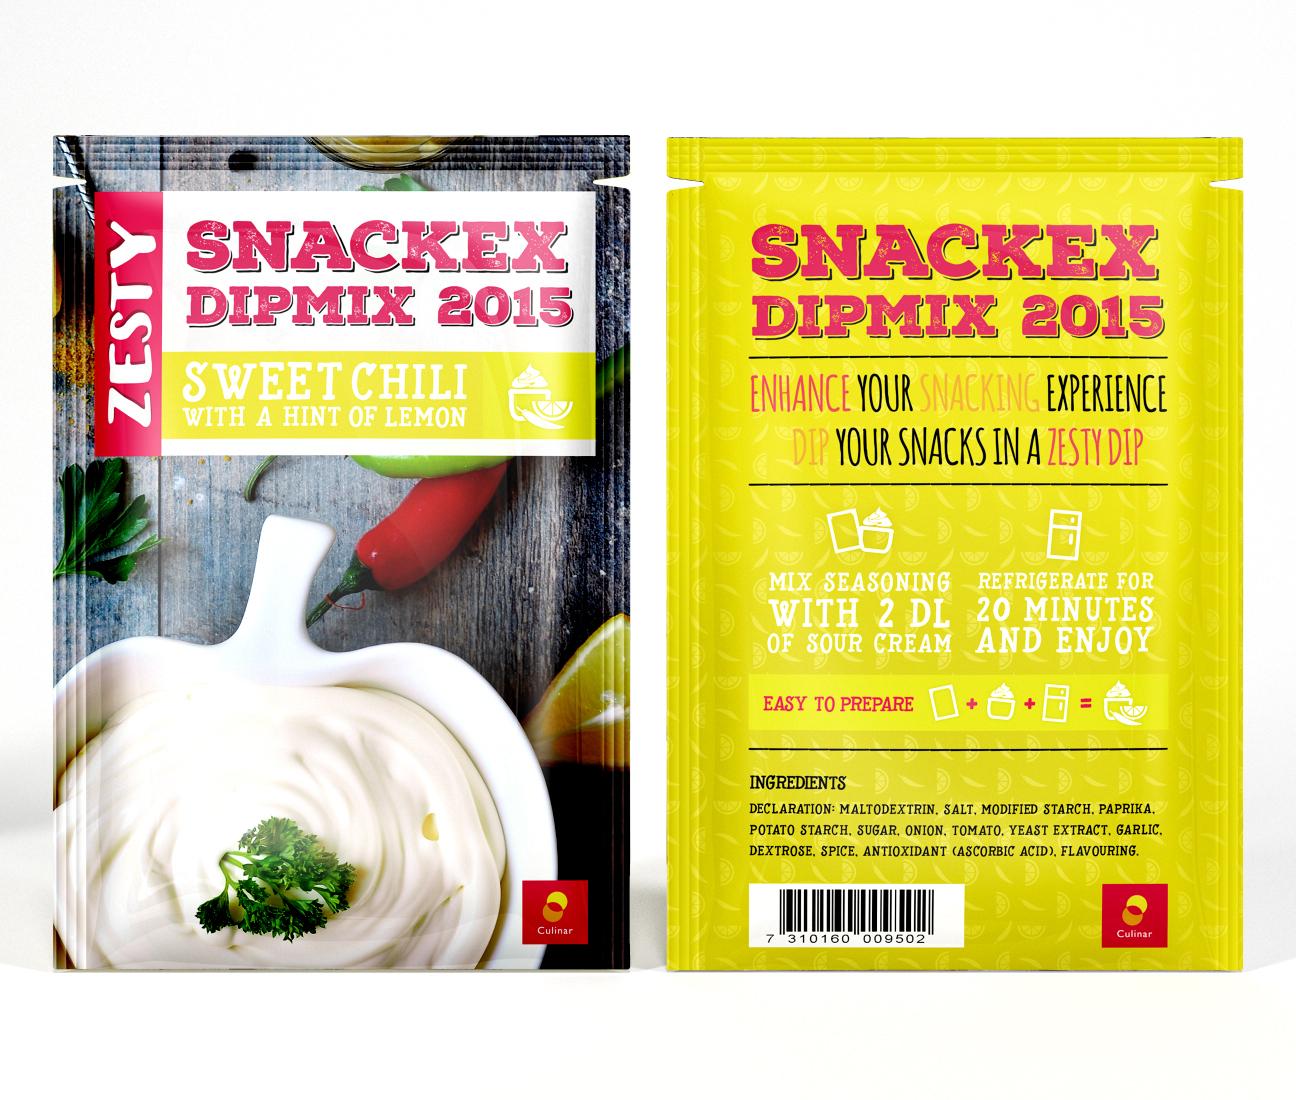 Snackex dipmix2015 zesty 1296x1100